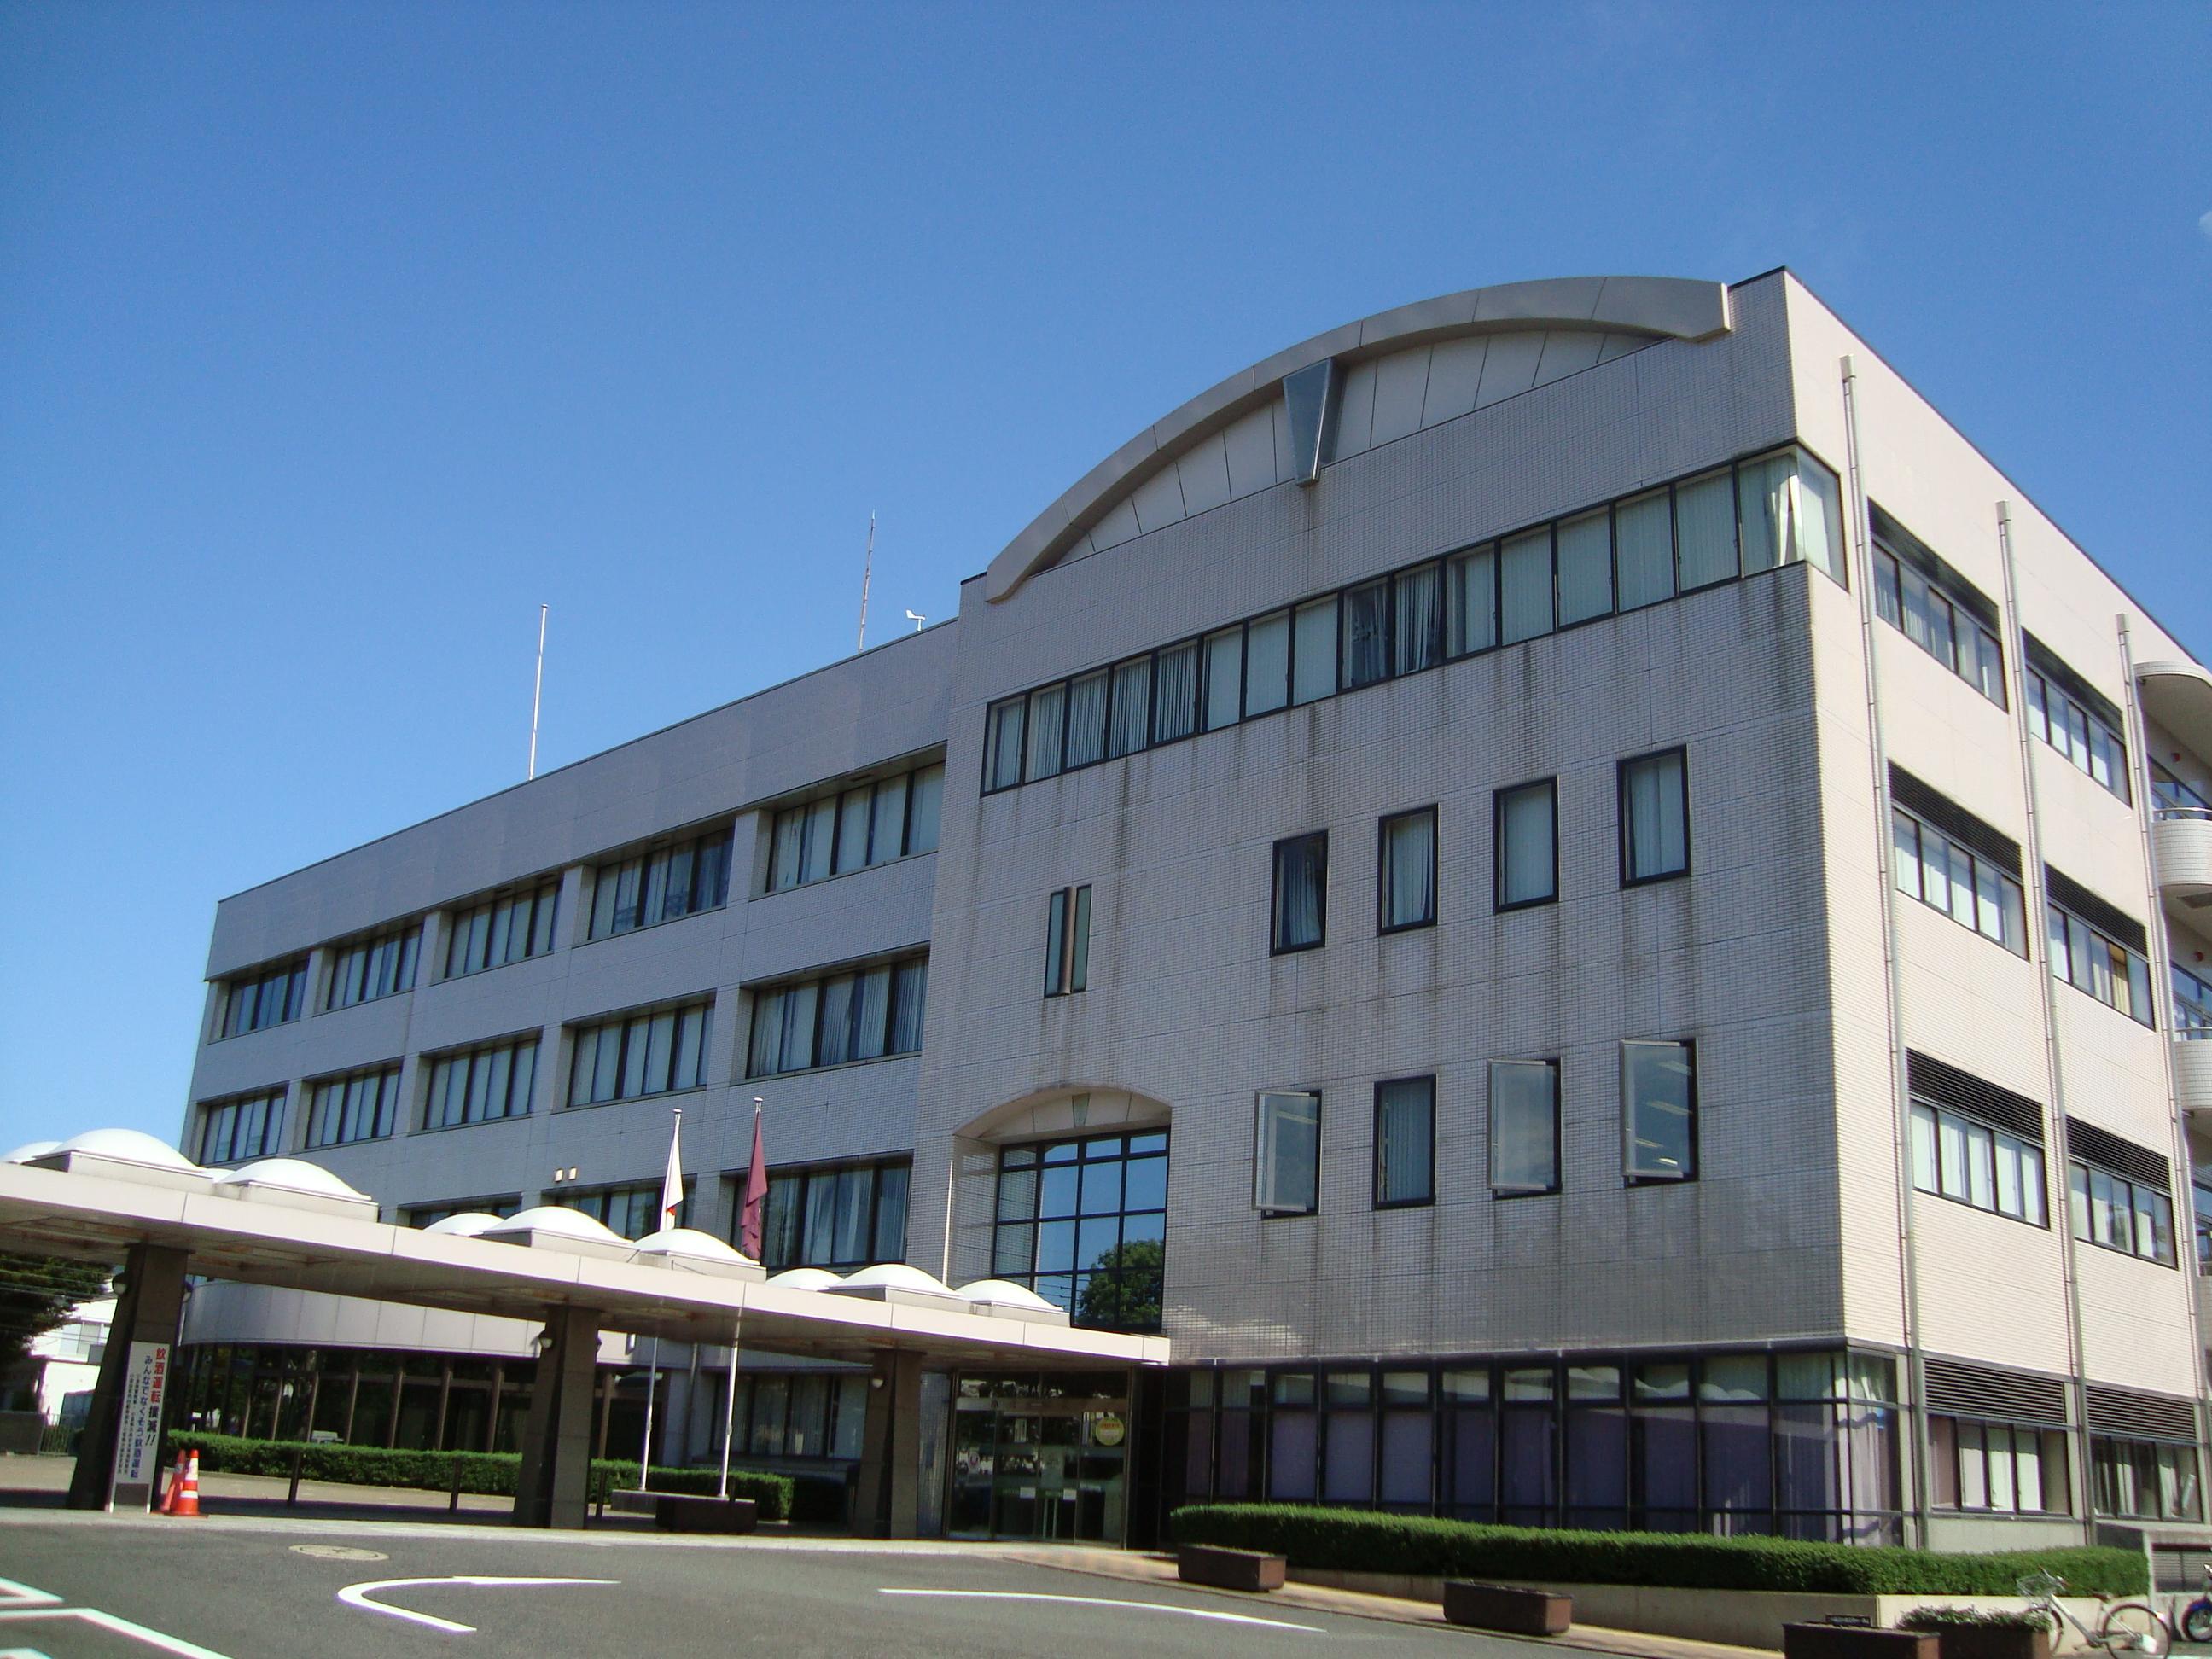 小倉南区役所 | アイユーホーム